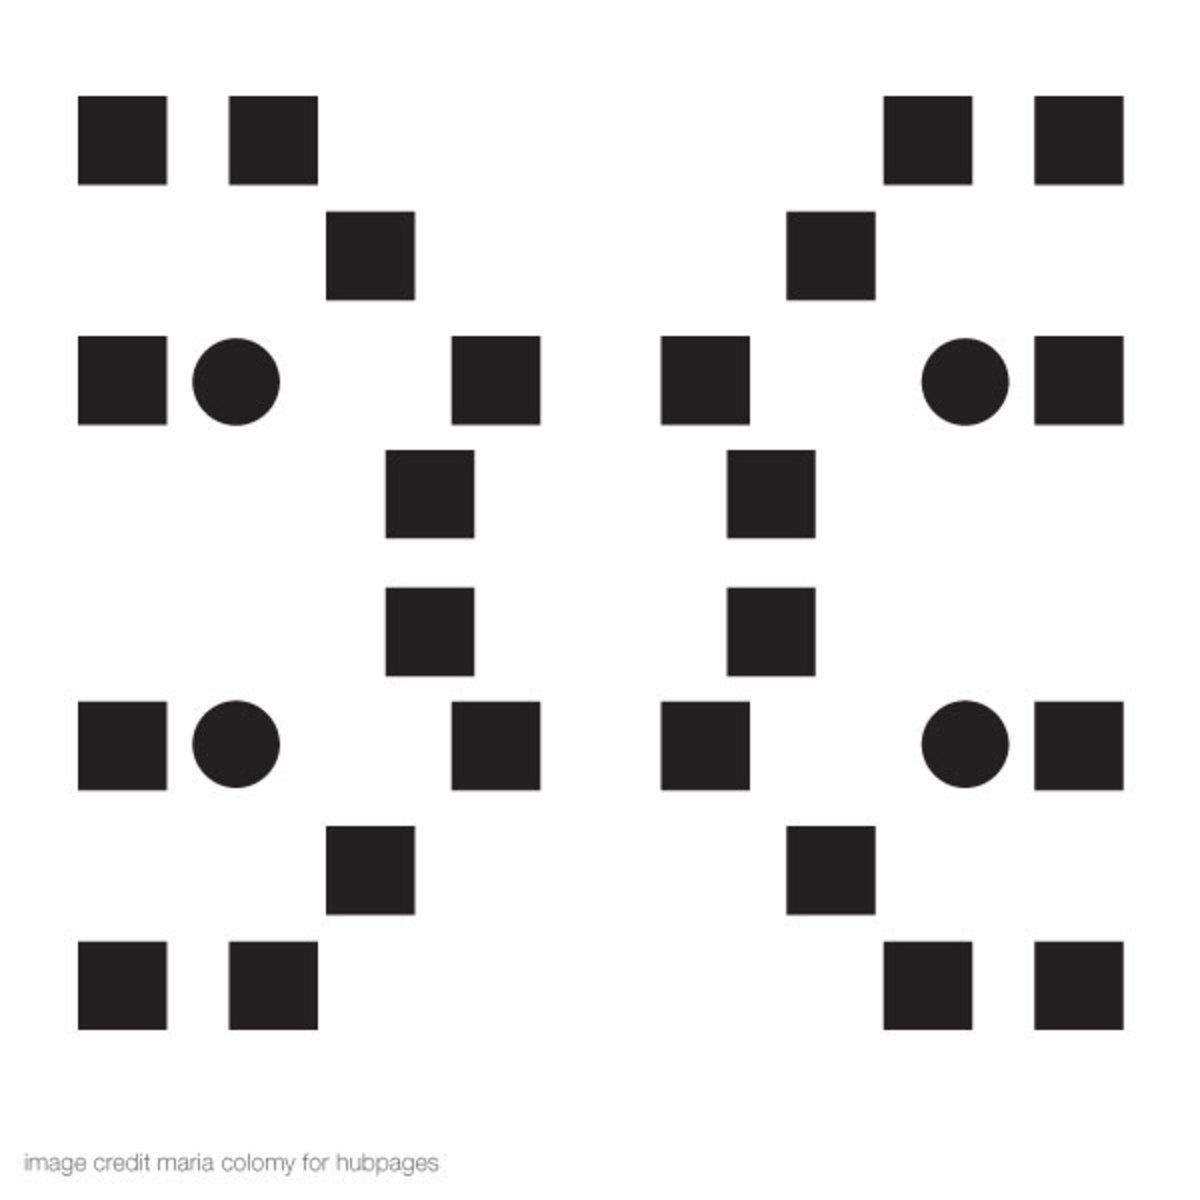 Gestalt Law of Symmetry